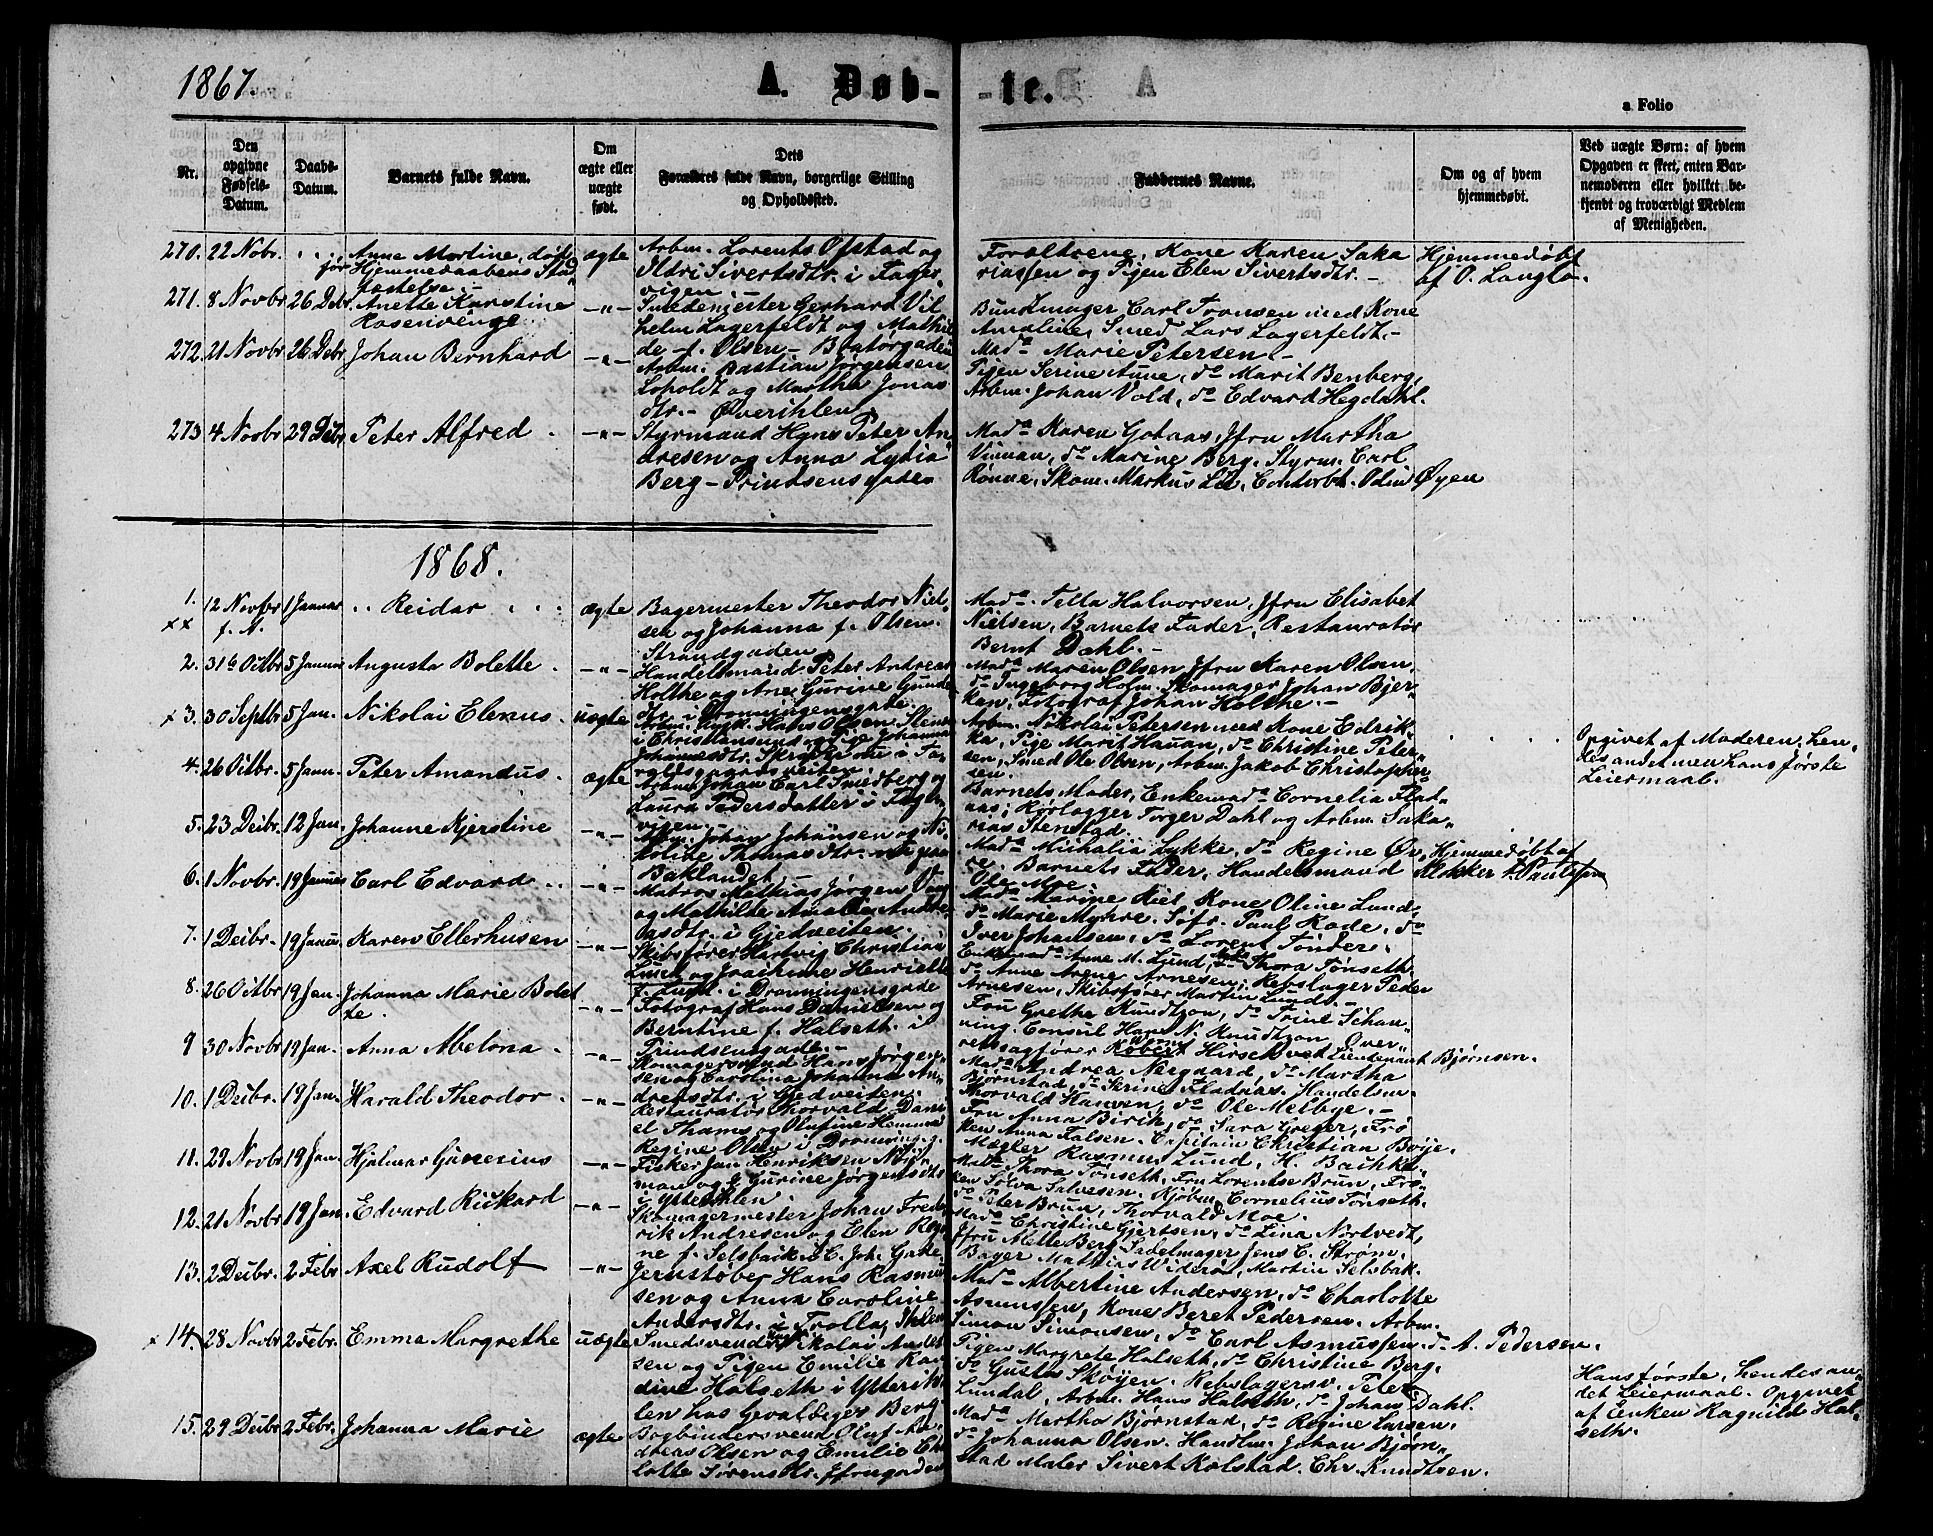 SAT, Ministerialprotokoller, klokkerbøker og fødselsregistre - Sør-Trøndelag, 602/L0141: Klokkerbok nr. 602C09, 1865-1877